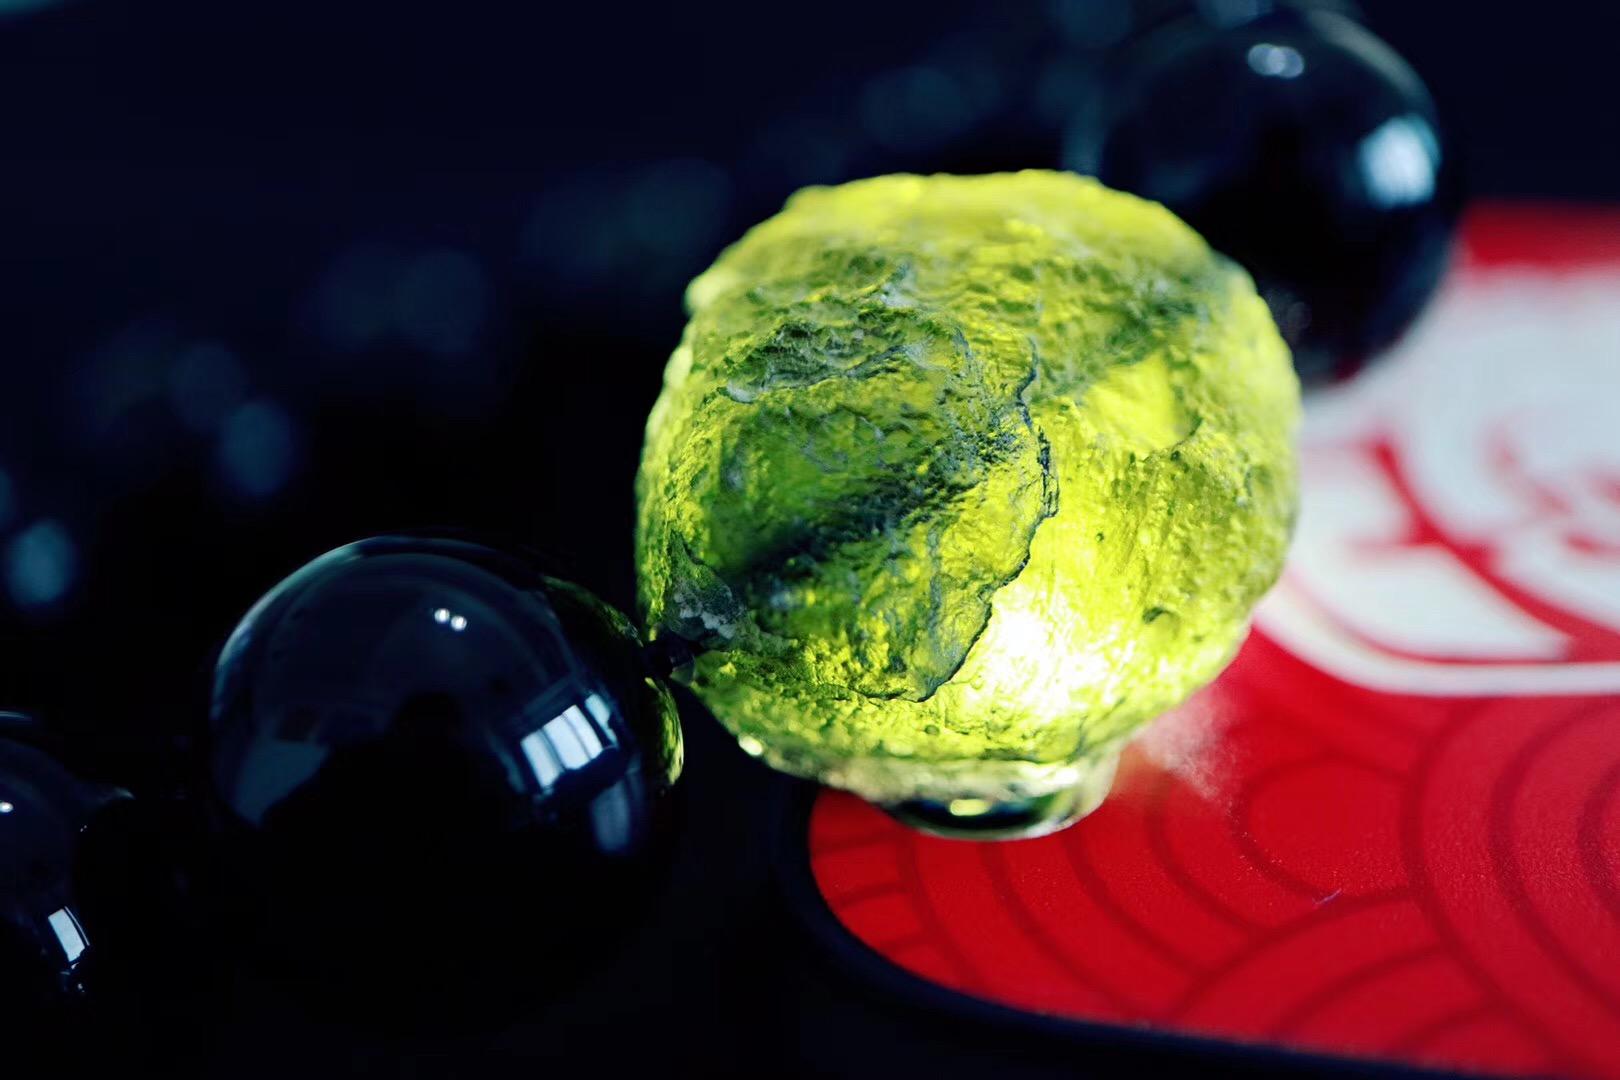 【菩心黑曜石 | 捷克陨石】 墨西哥国石,十足的黑金刚武士-菩心晶舍